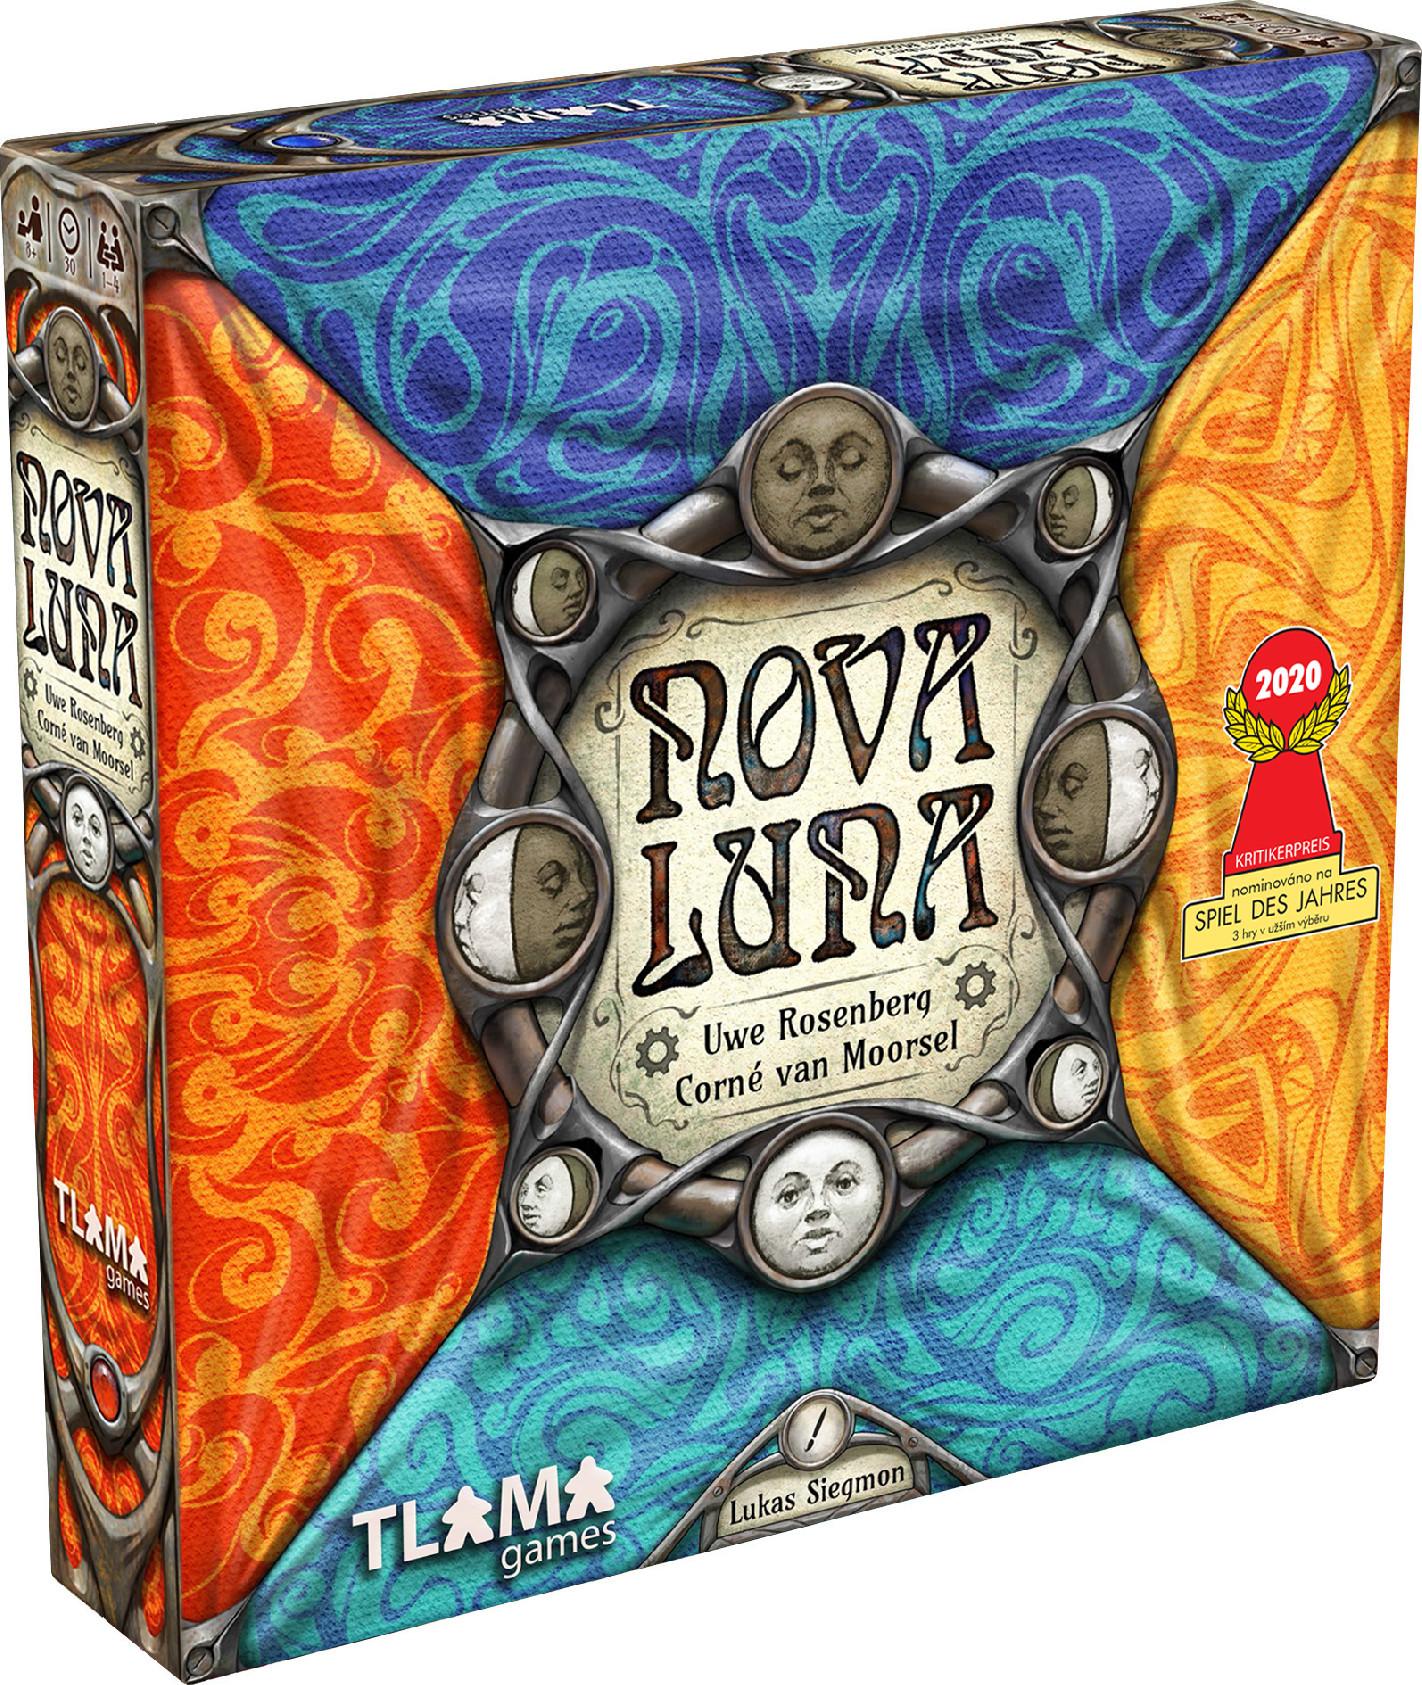 TLAMA games Nova Luna CZ